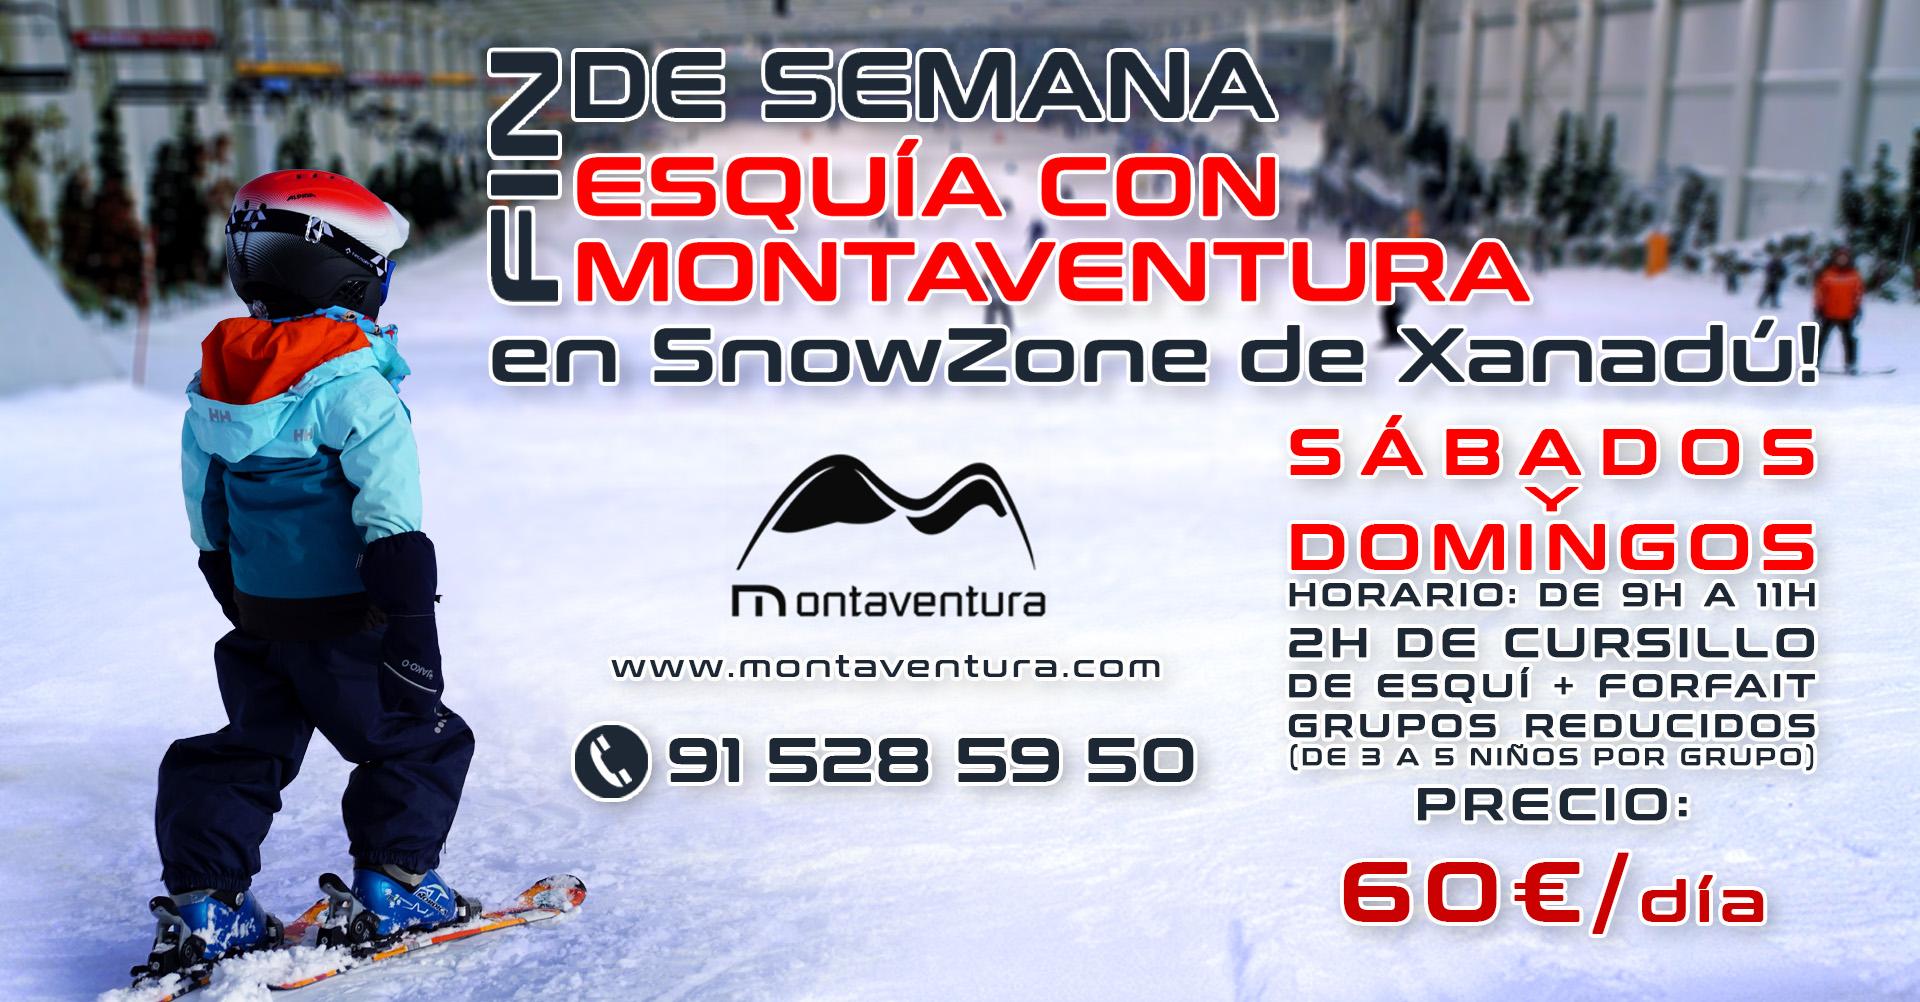 Los fines de semana esquía con Montaventura en SnowZone de Xanadú! Sábados y domingos